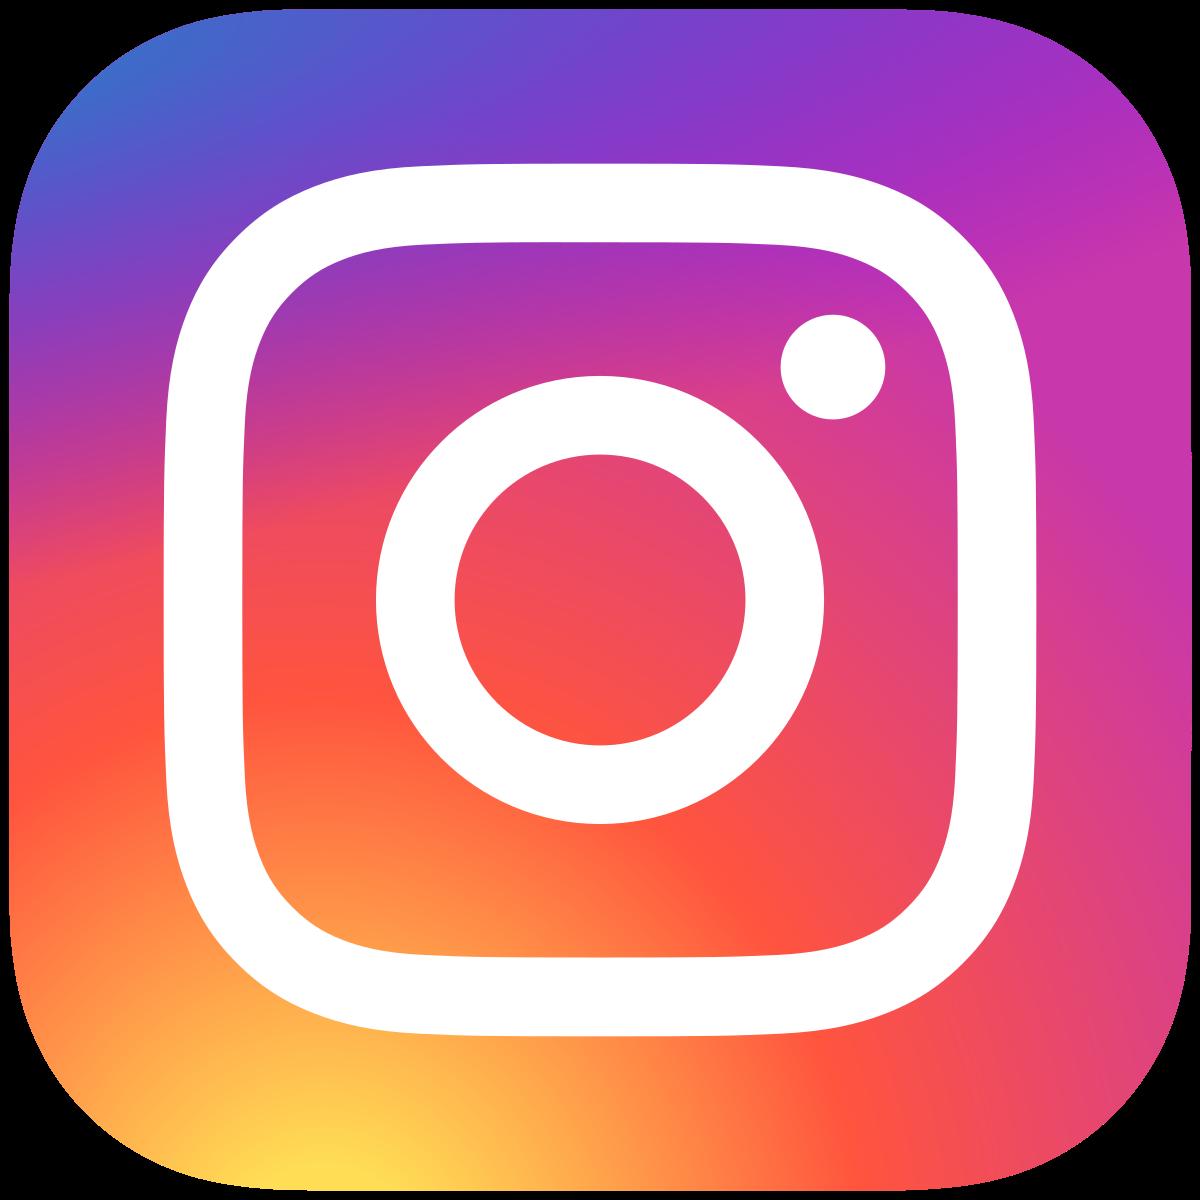 Instagram Hoppala